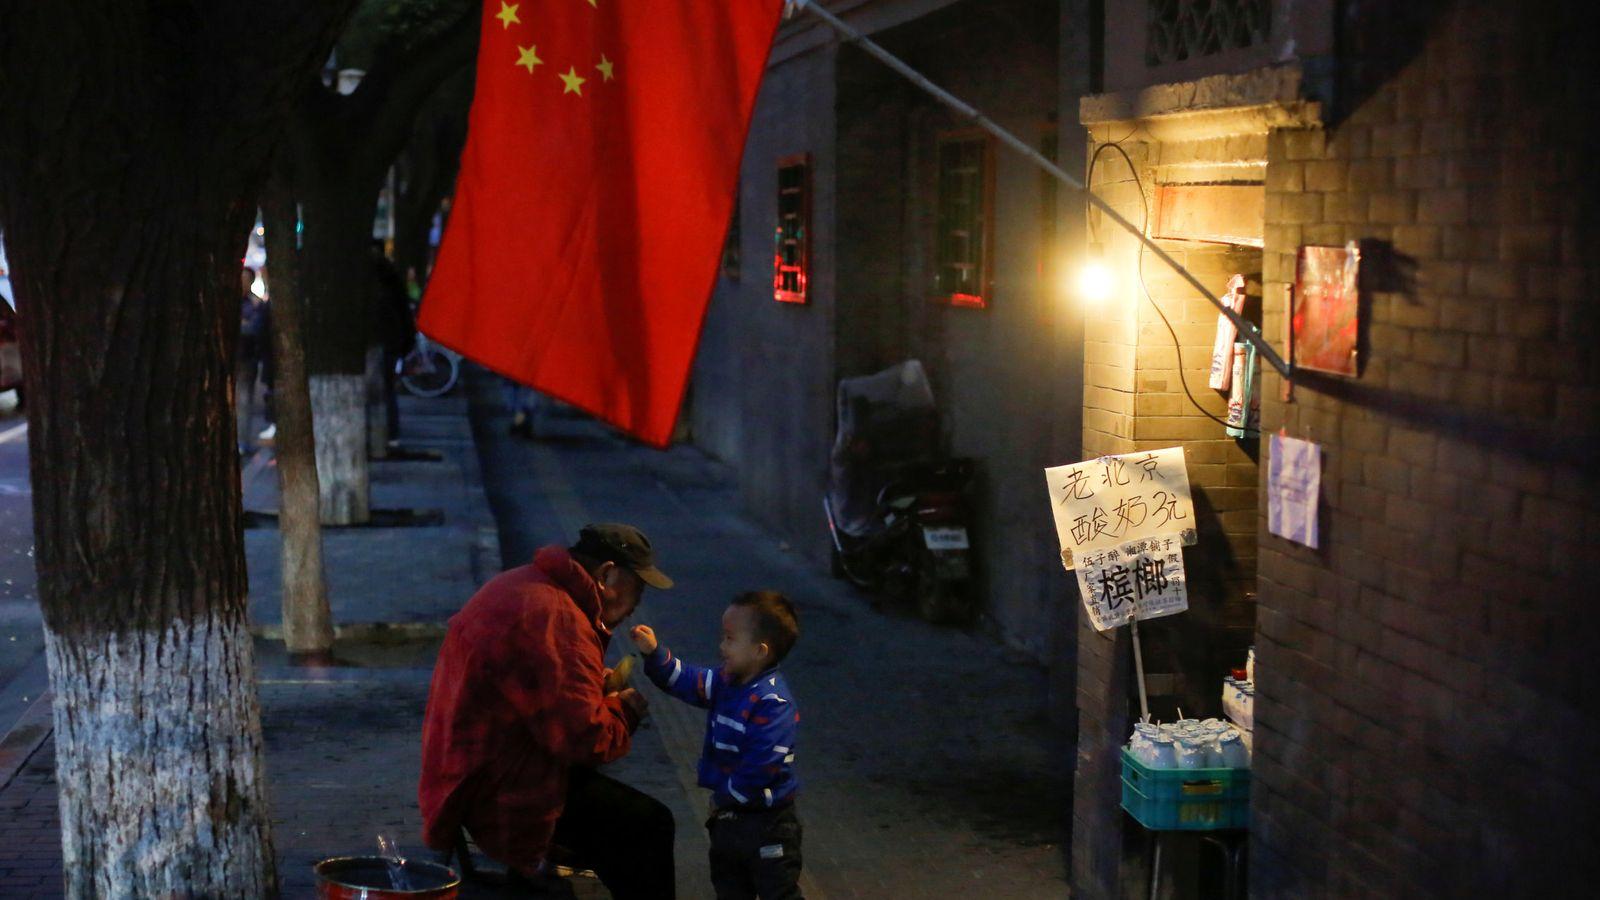 Foto: Un hombre juega con un niño en un callejón en la parte vieja de Pekín, en octubre de 2017. (Reuters)